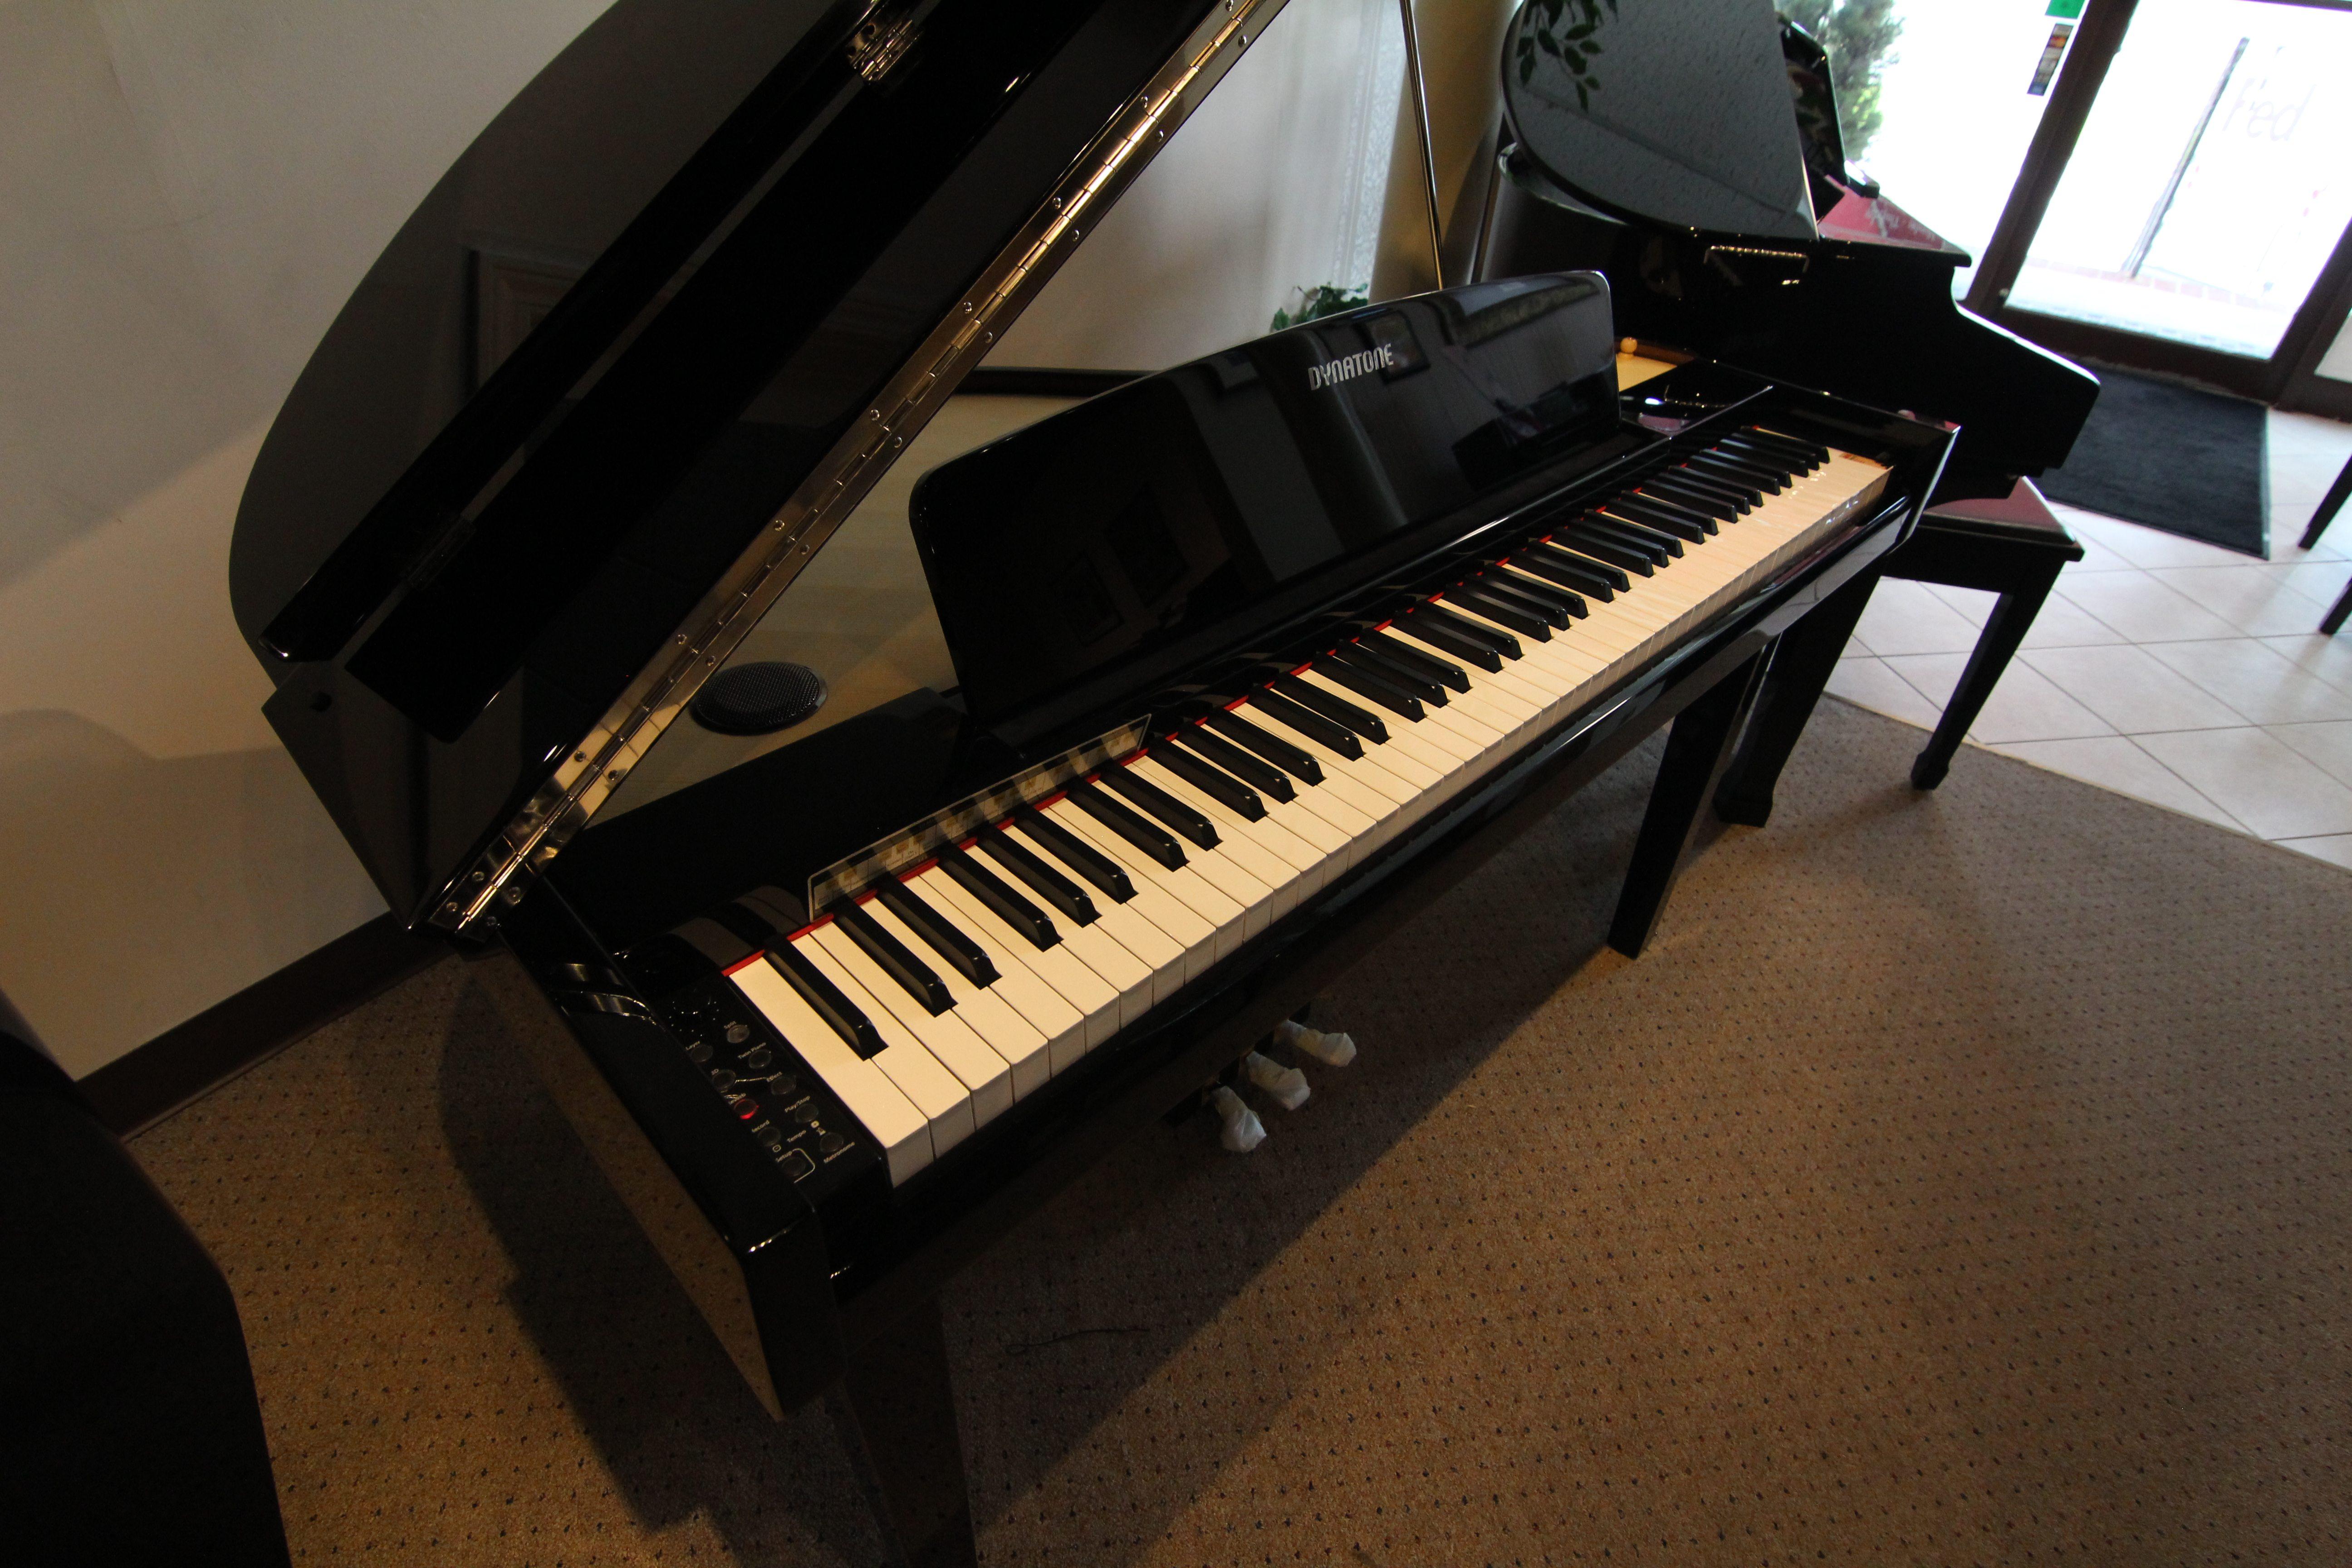 Dynatone SGP-500 Digital Grand Piano